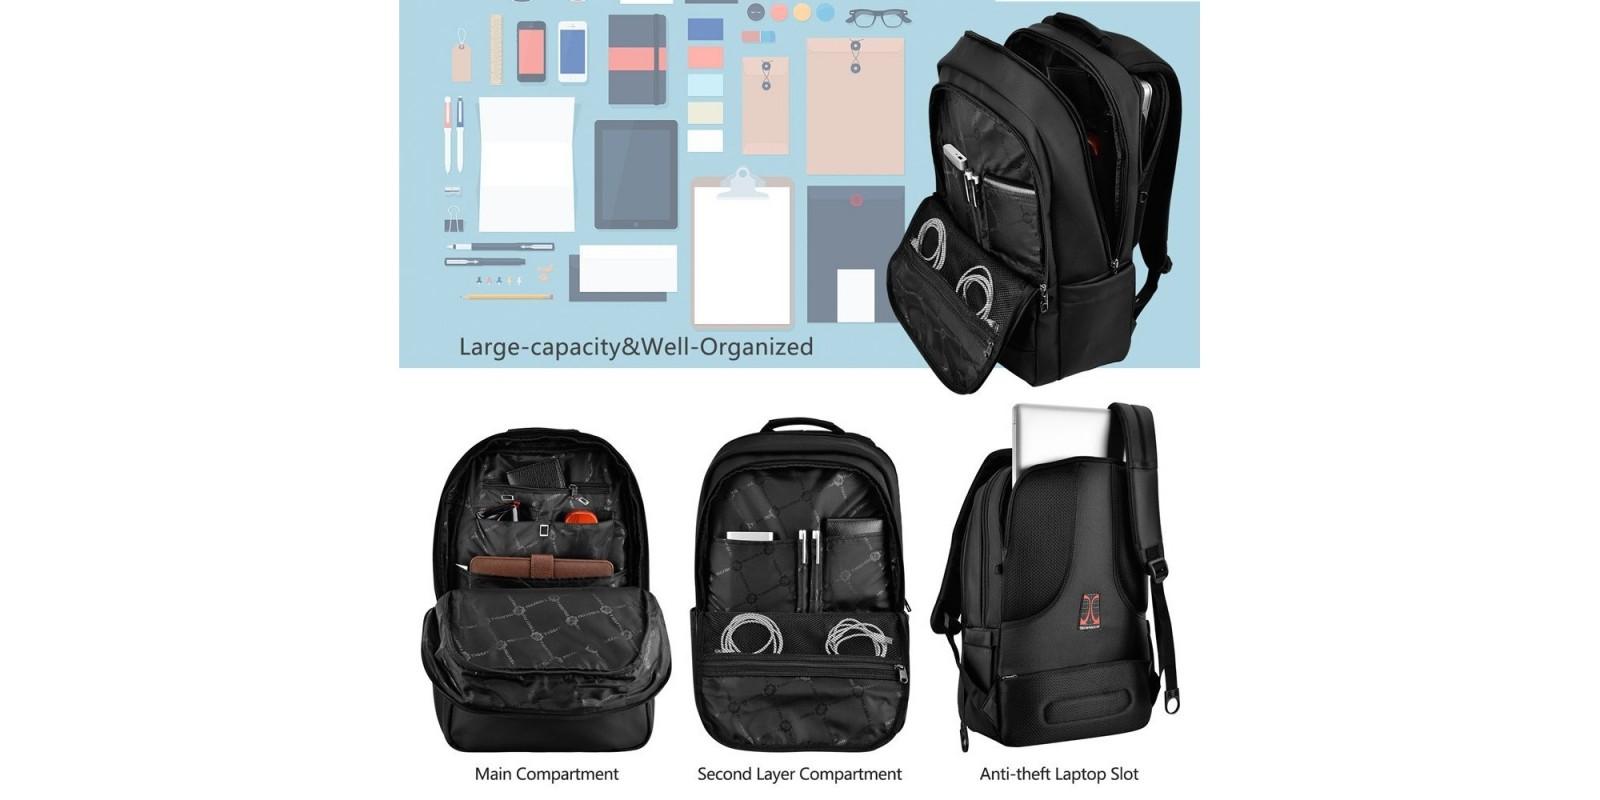 kopack Deluxe Black Waterproof Laptop Backpack – Details